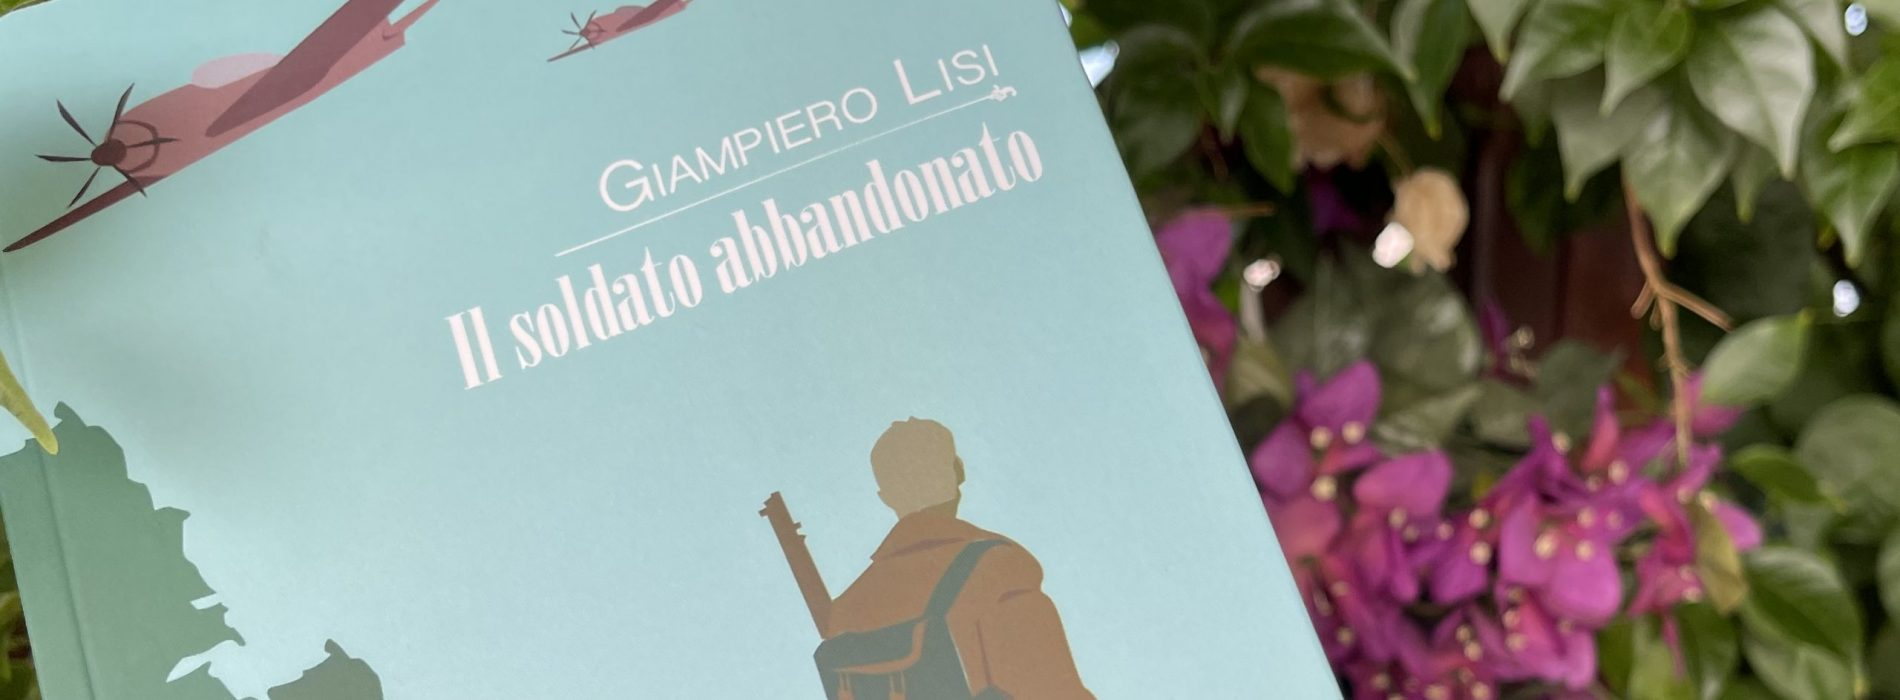 «Il soldato abbandonato», Giampiero Lisi è a Palazzo Paternò